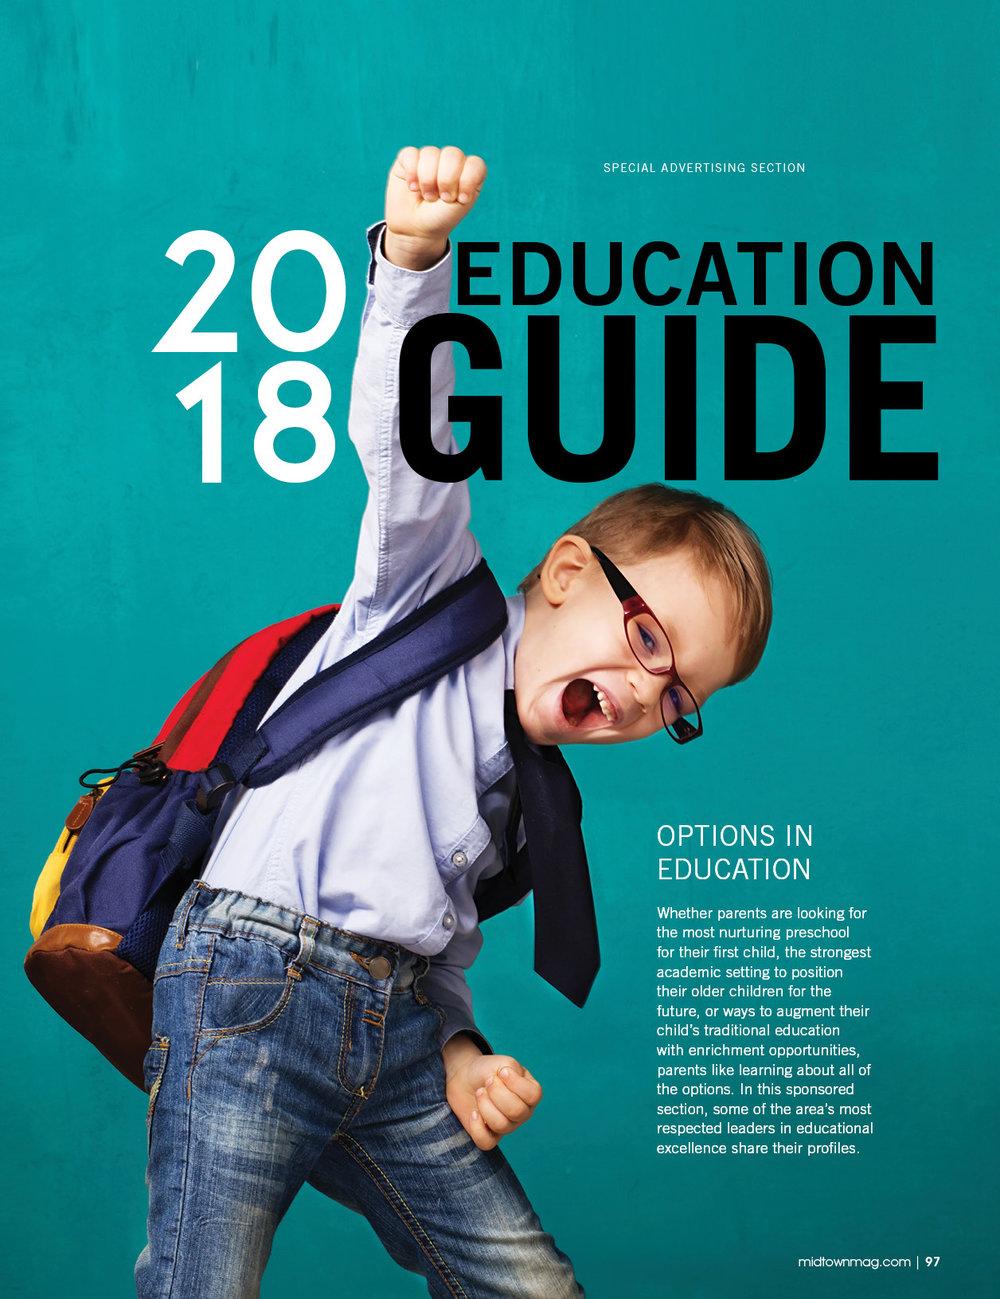 mm 096-103-education-guide2.jpg